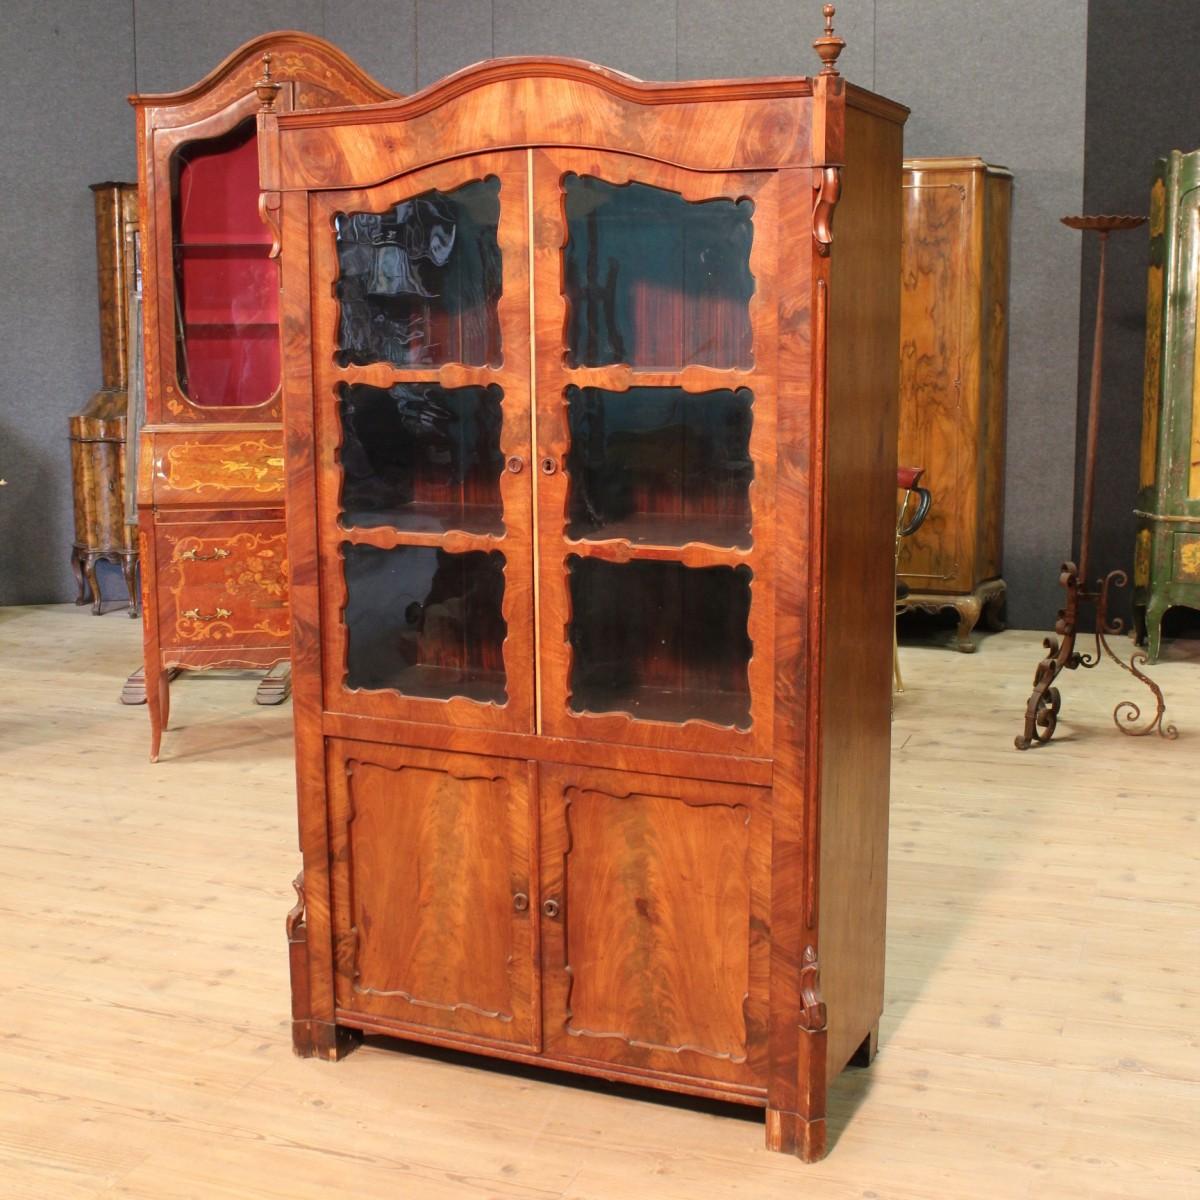 mobili antichi napoli - 28 images - mobili antichi restaurati e ...